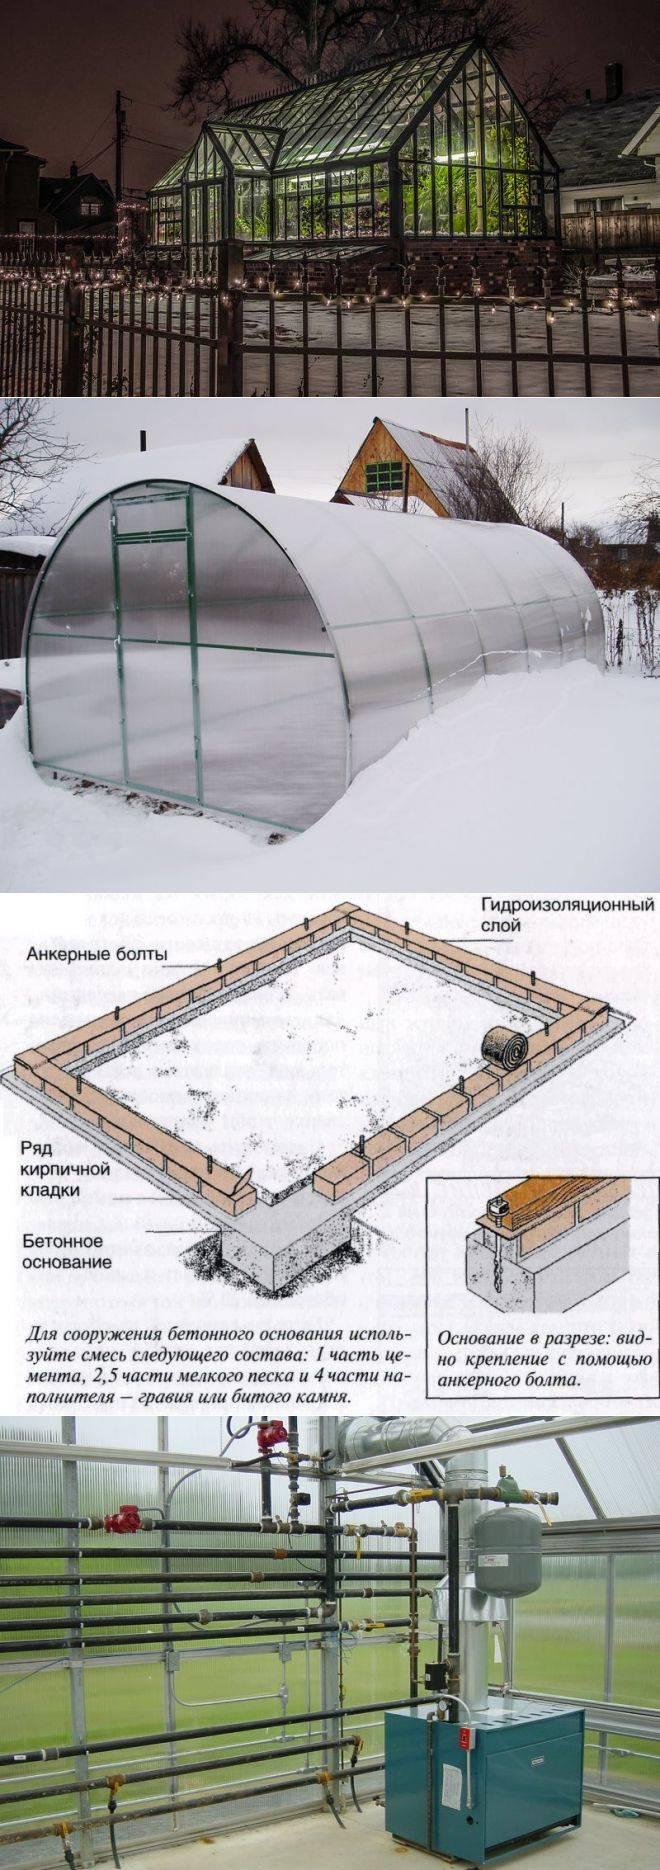 Отопление теплицы из поликарбоната зимой: методы, их особенности, видео и создание своими руками